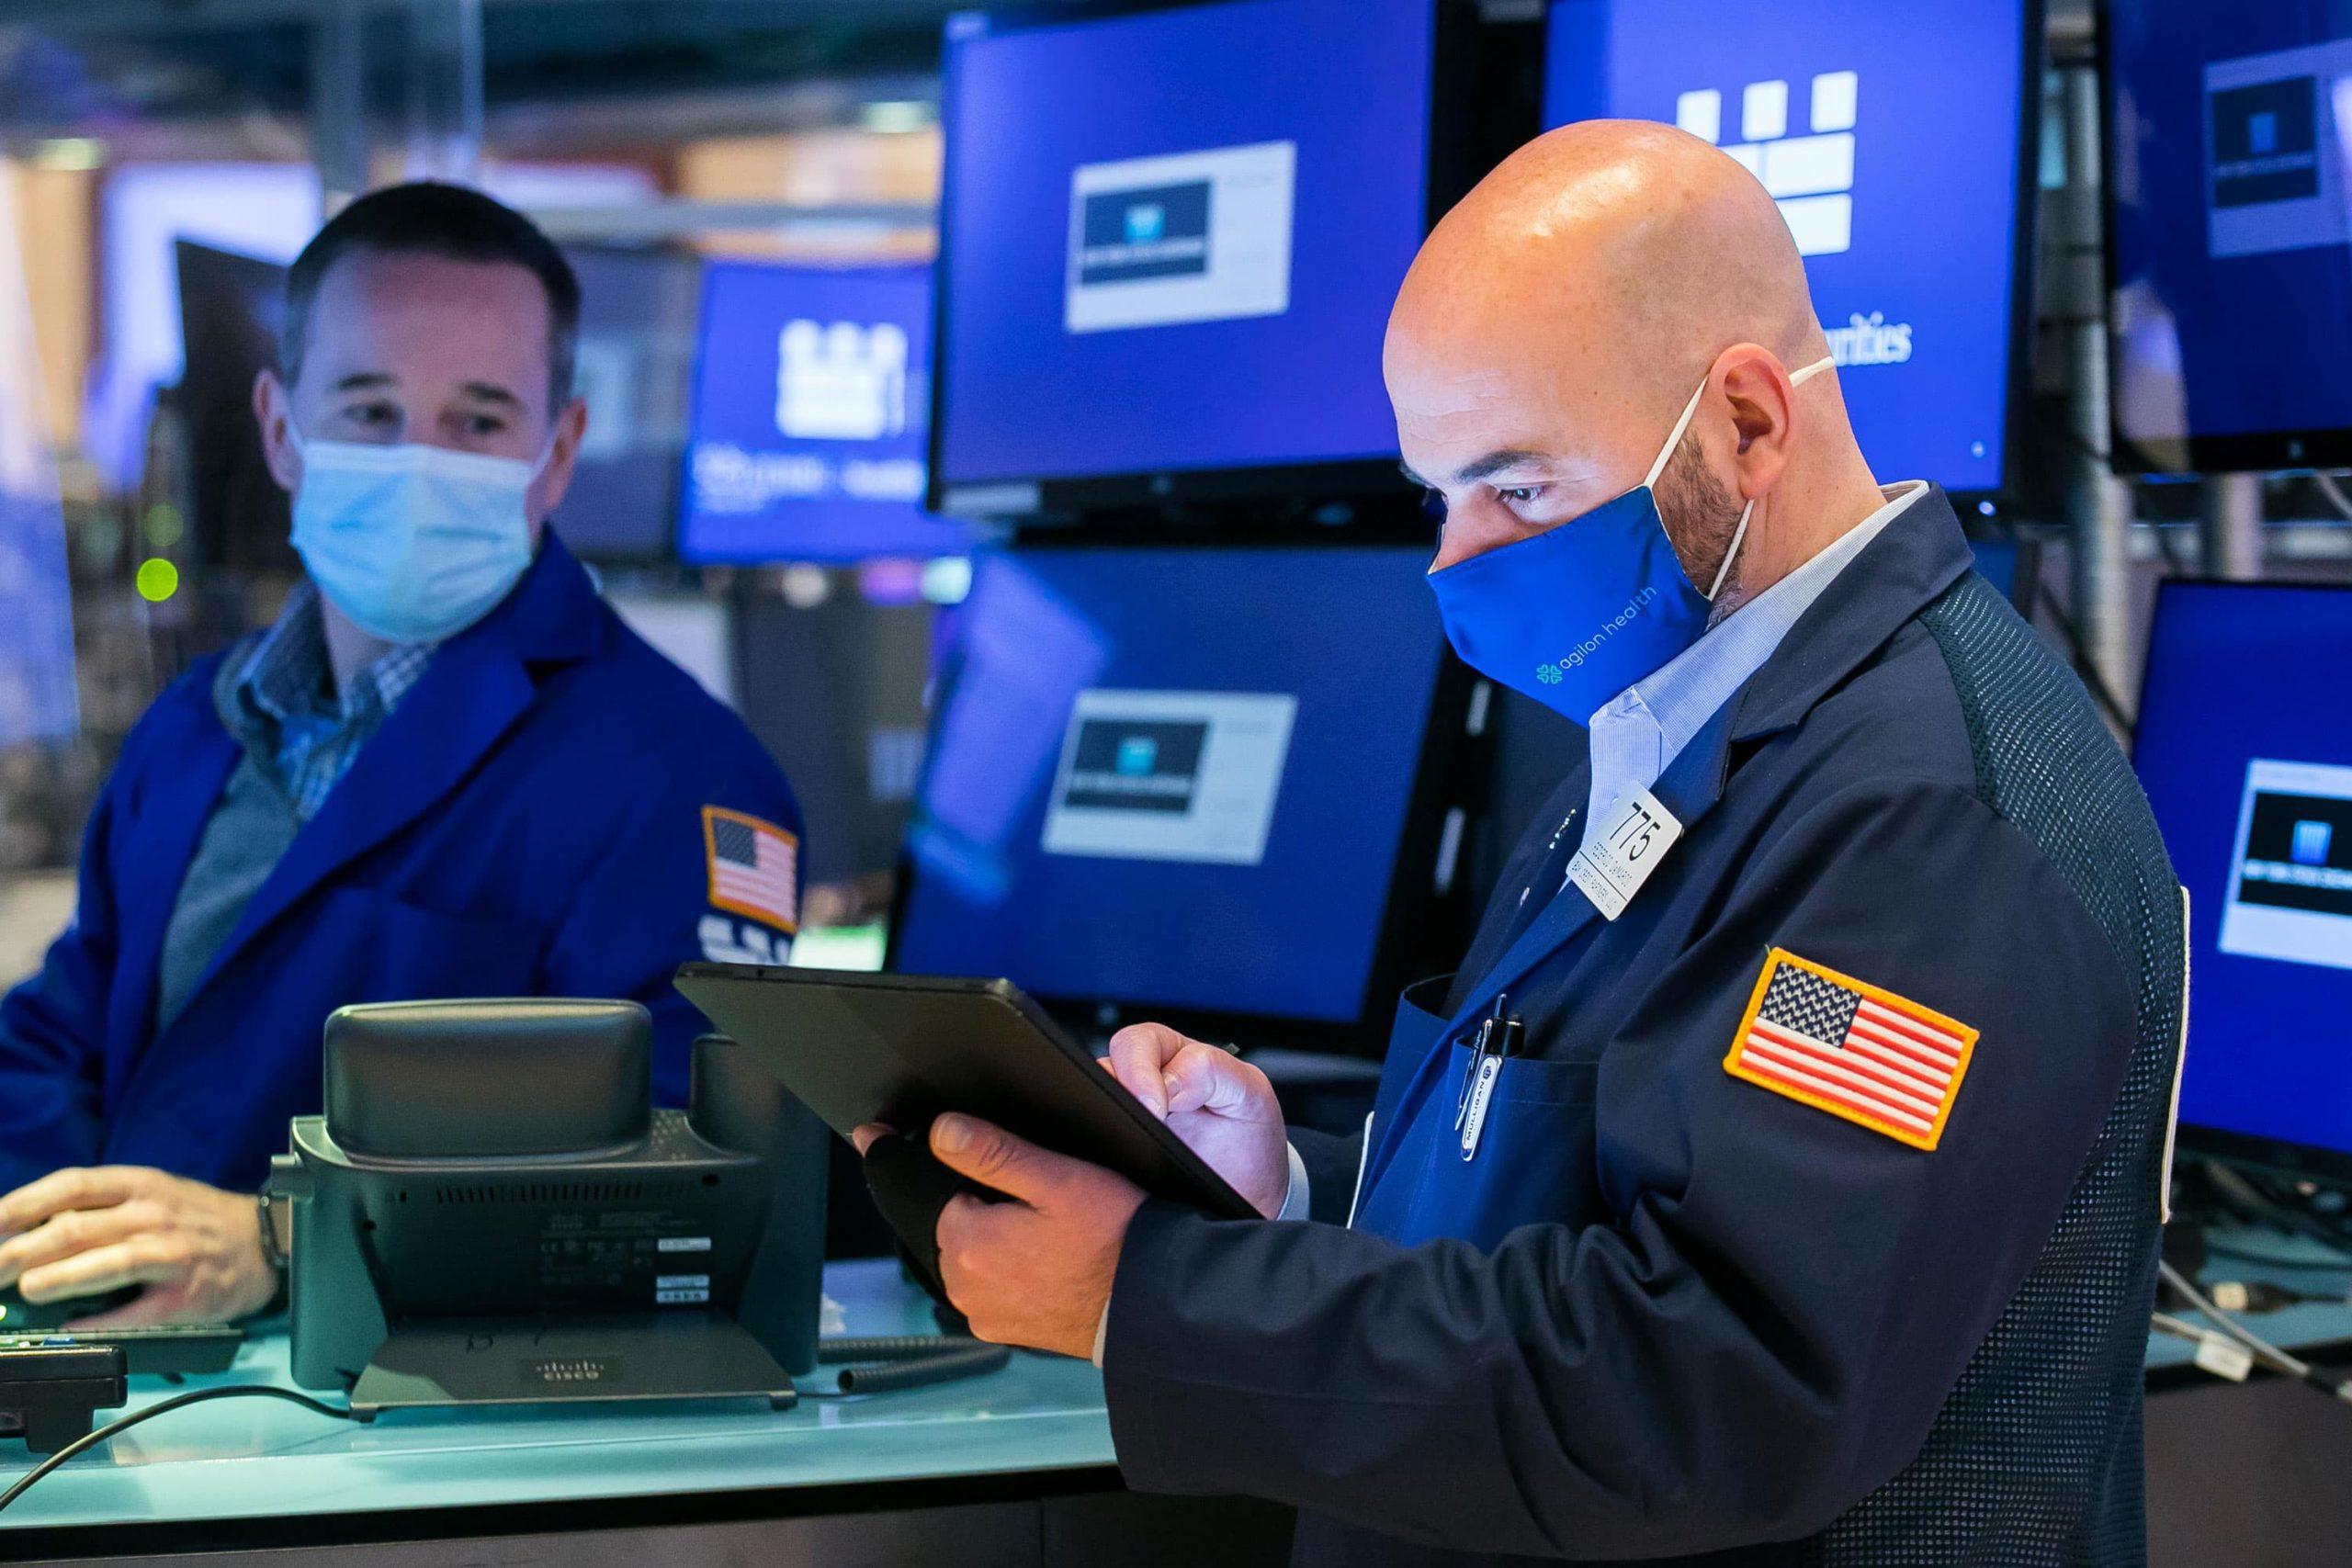 Los futuros de acciones se mantienen planos después de que Dow, S&P 500 publican una semana perdedora